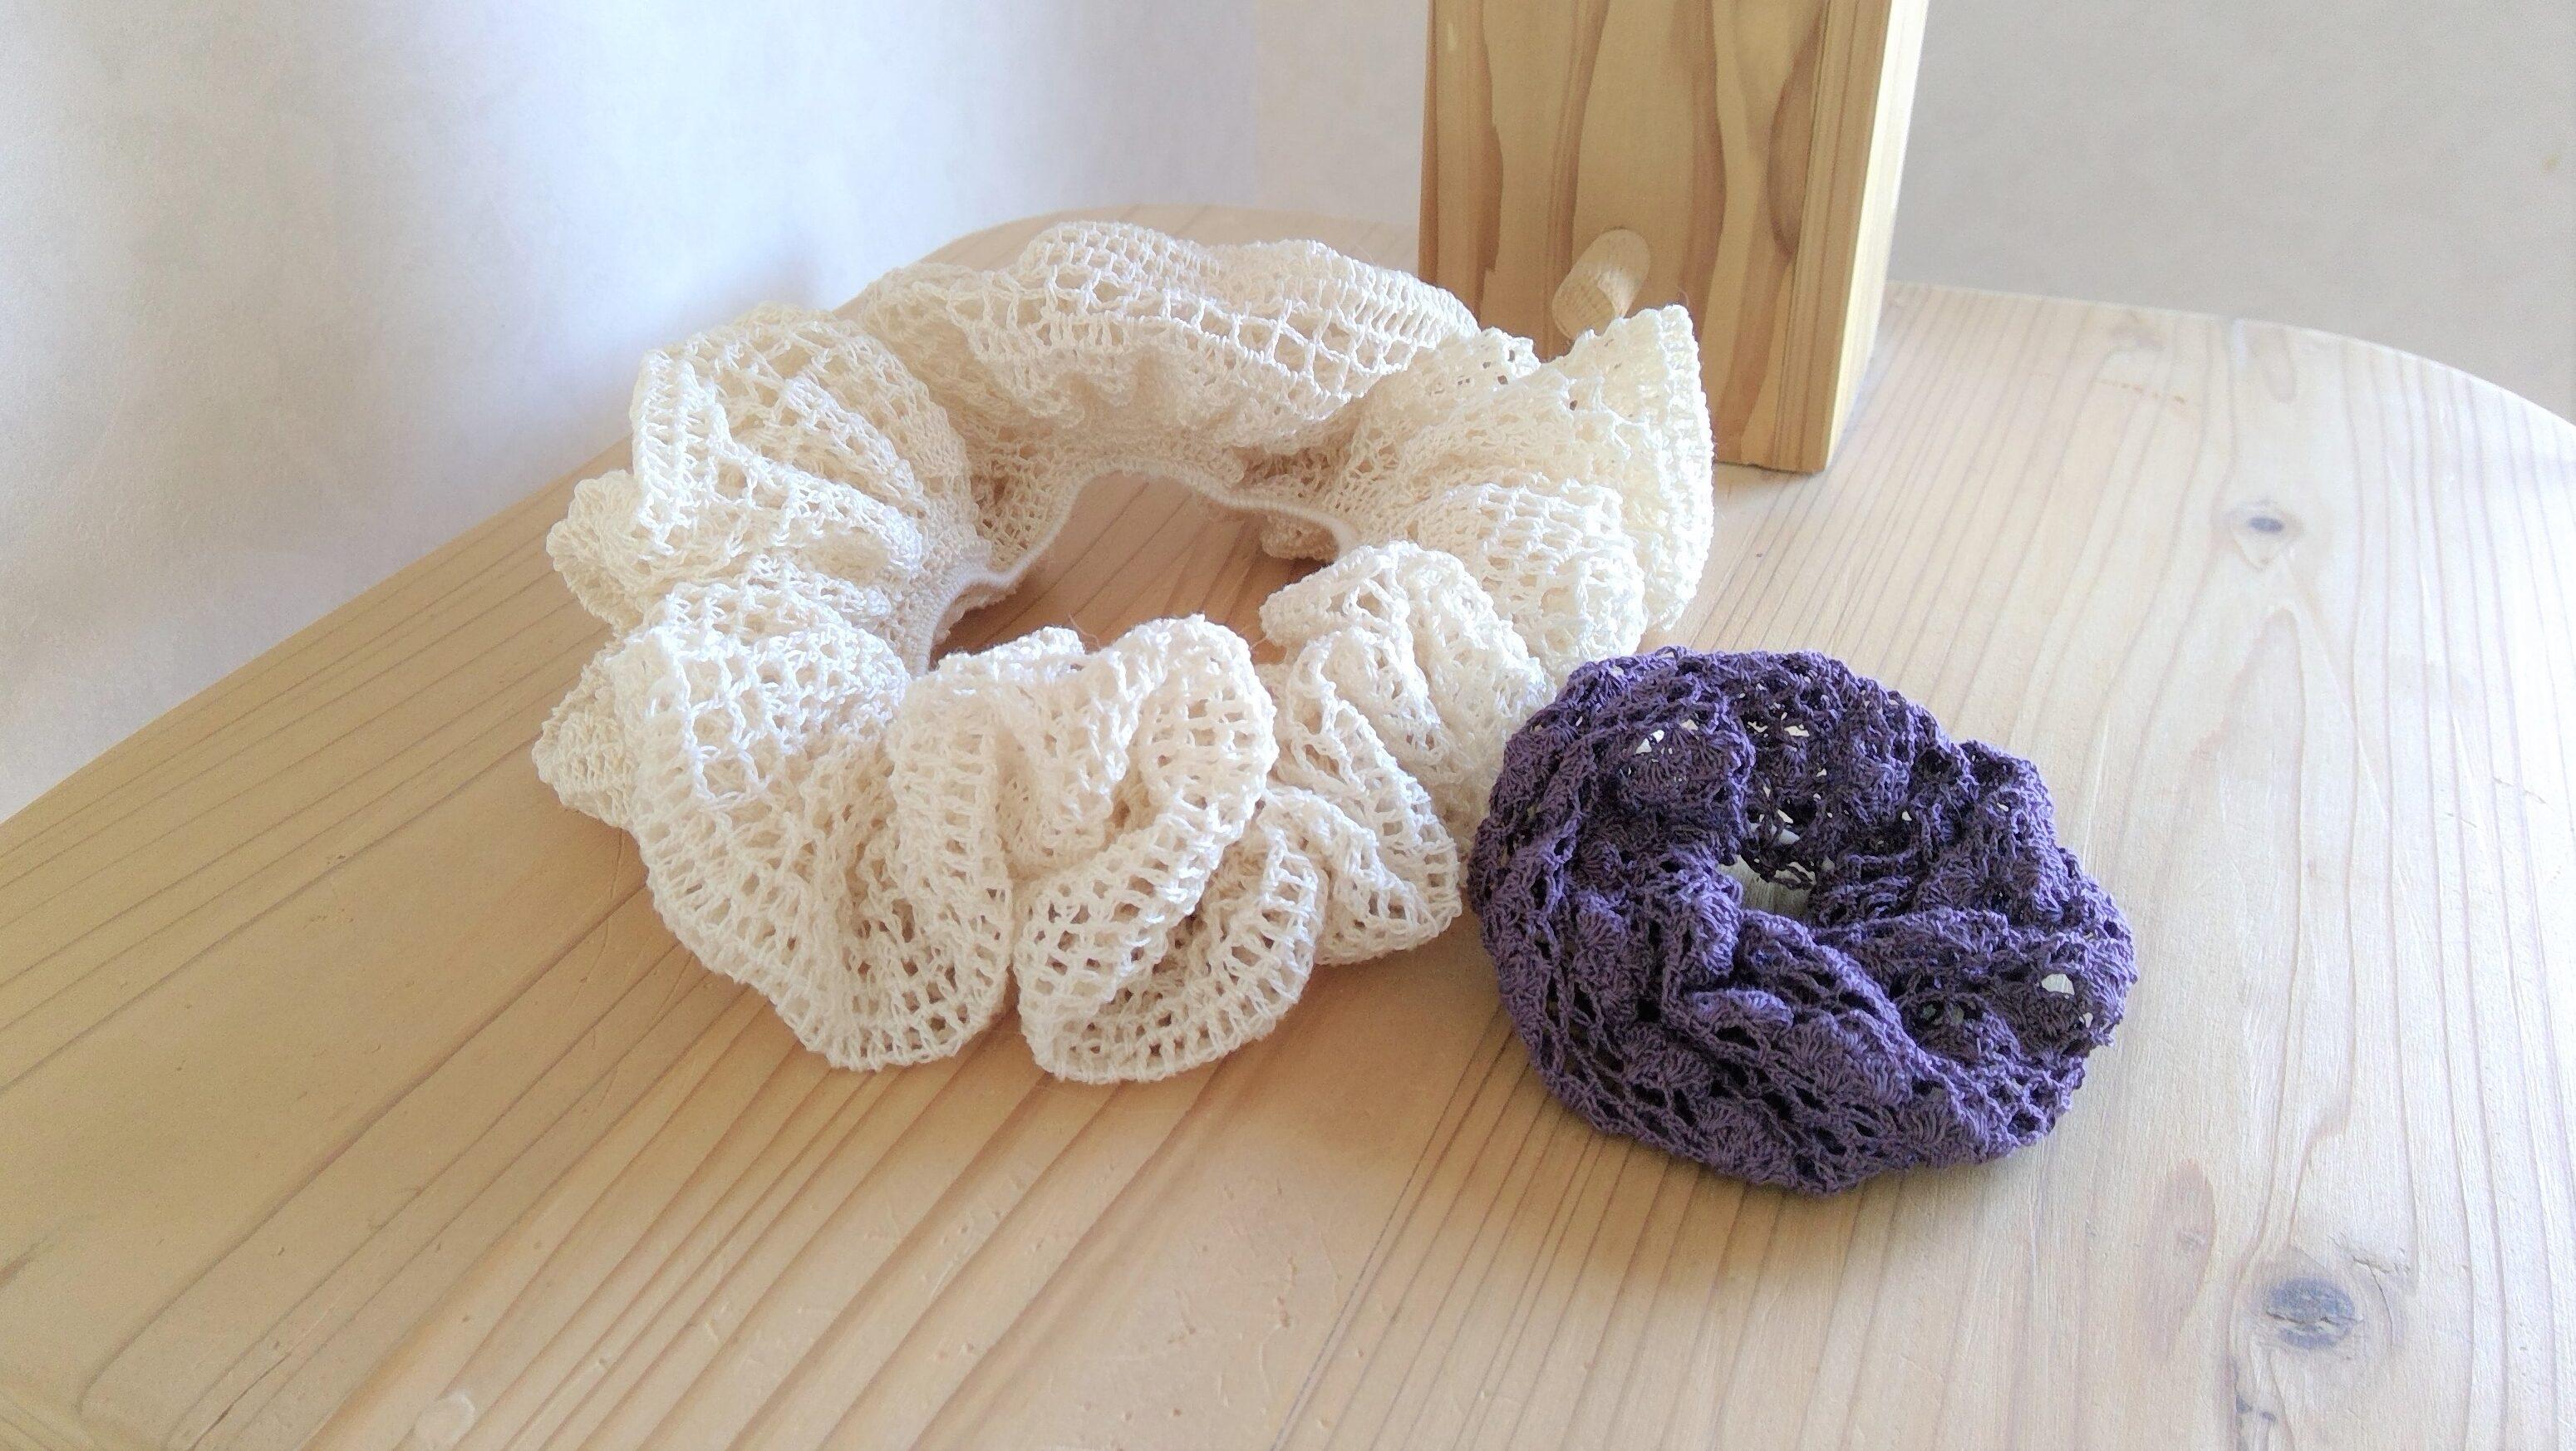 シュシュ かぎ針 編み 【編み物】初心者でも簡単♪かぎ針で編む可愛いシュシュの作り方6つ